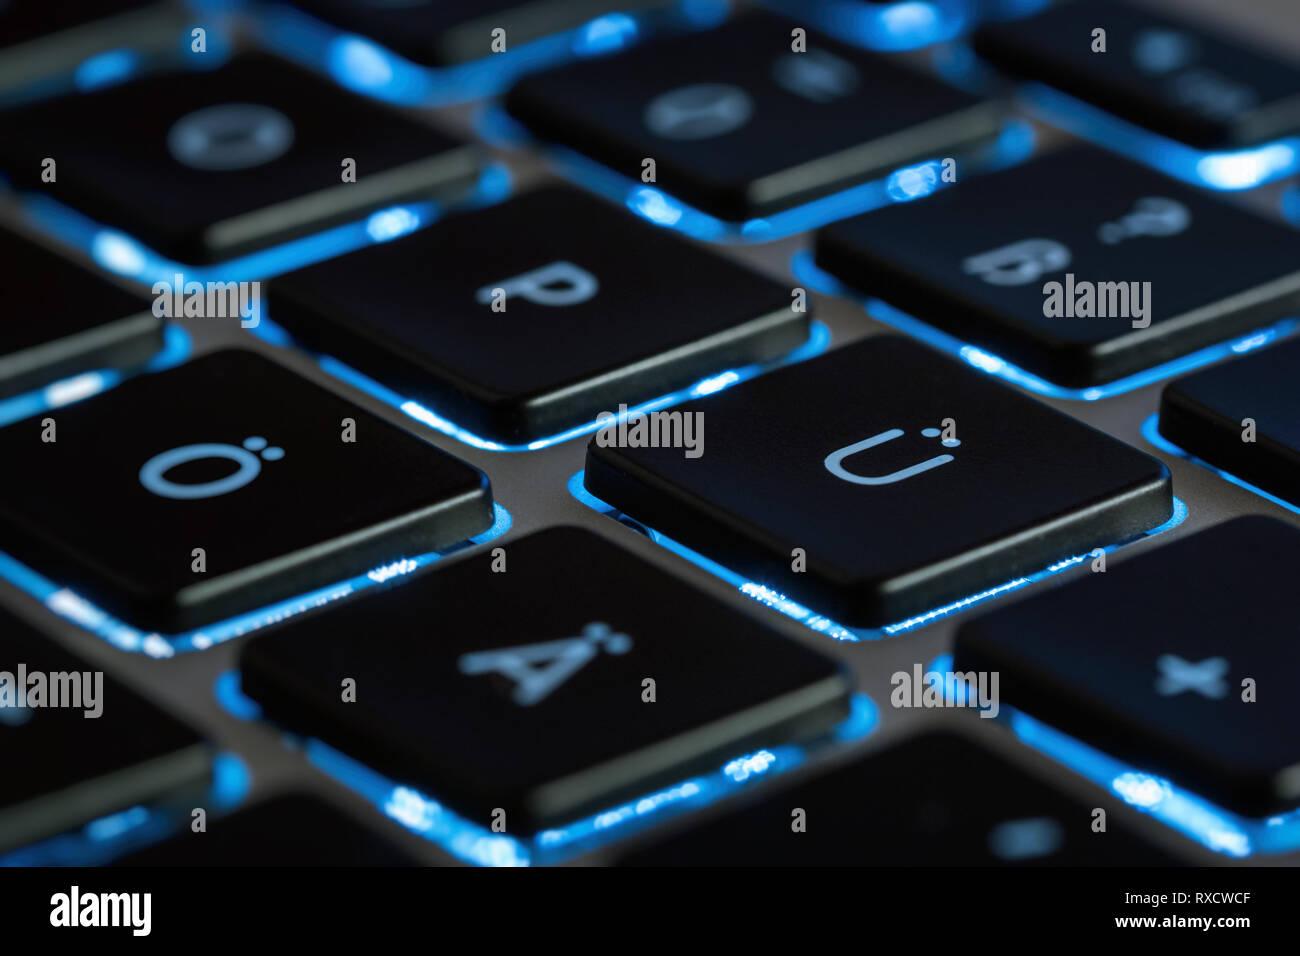 Computer Tastatur beleuchtet in blauer FarbeHintergrundbeleuchtung - Stock Image